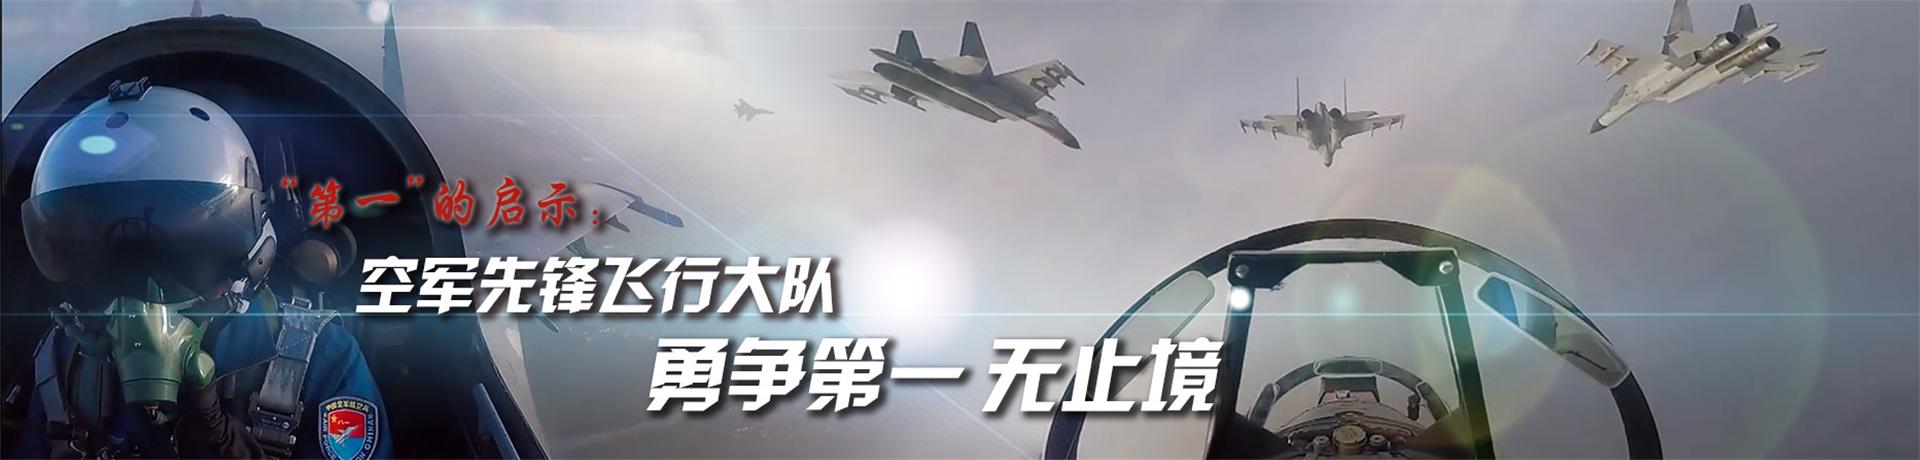 """""""第一""""的启示:空军先锋飞行大队勇争第一无止境"""